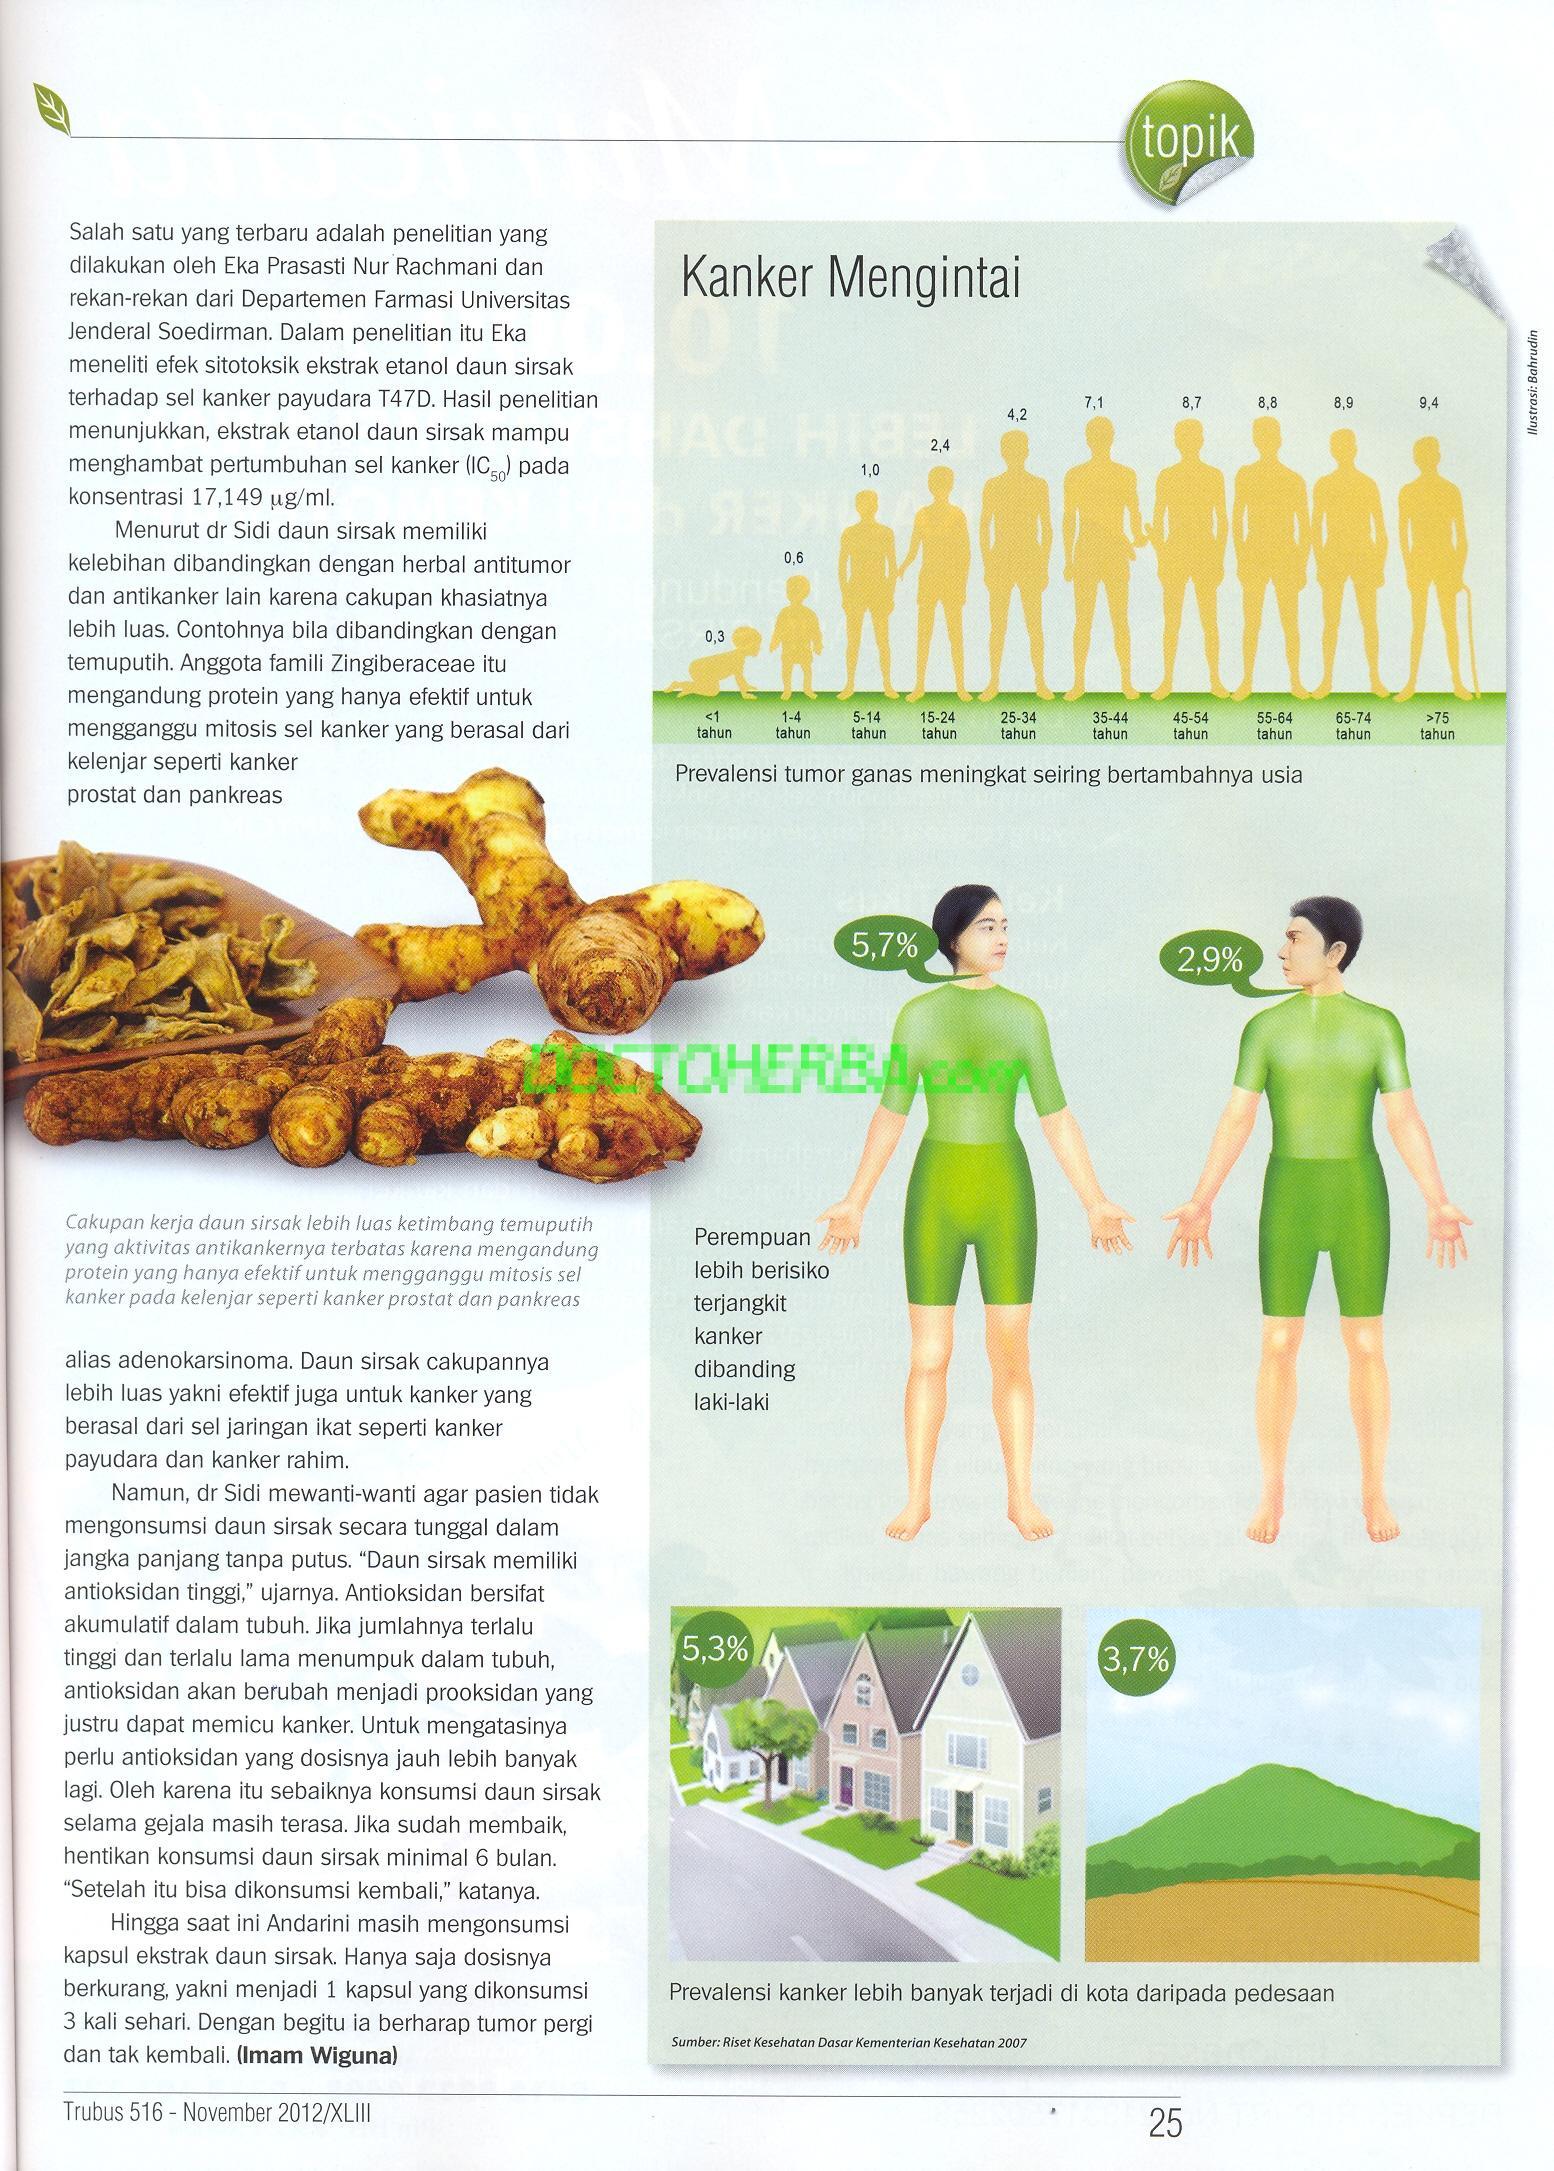 Fakta Daun Sirsak Anti Kanker - Doctoherba 15